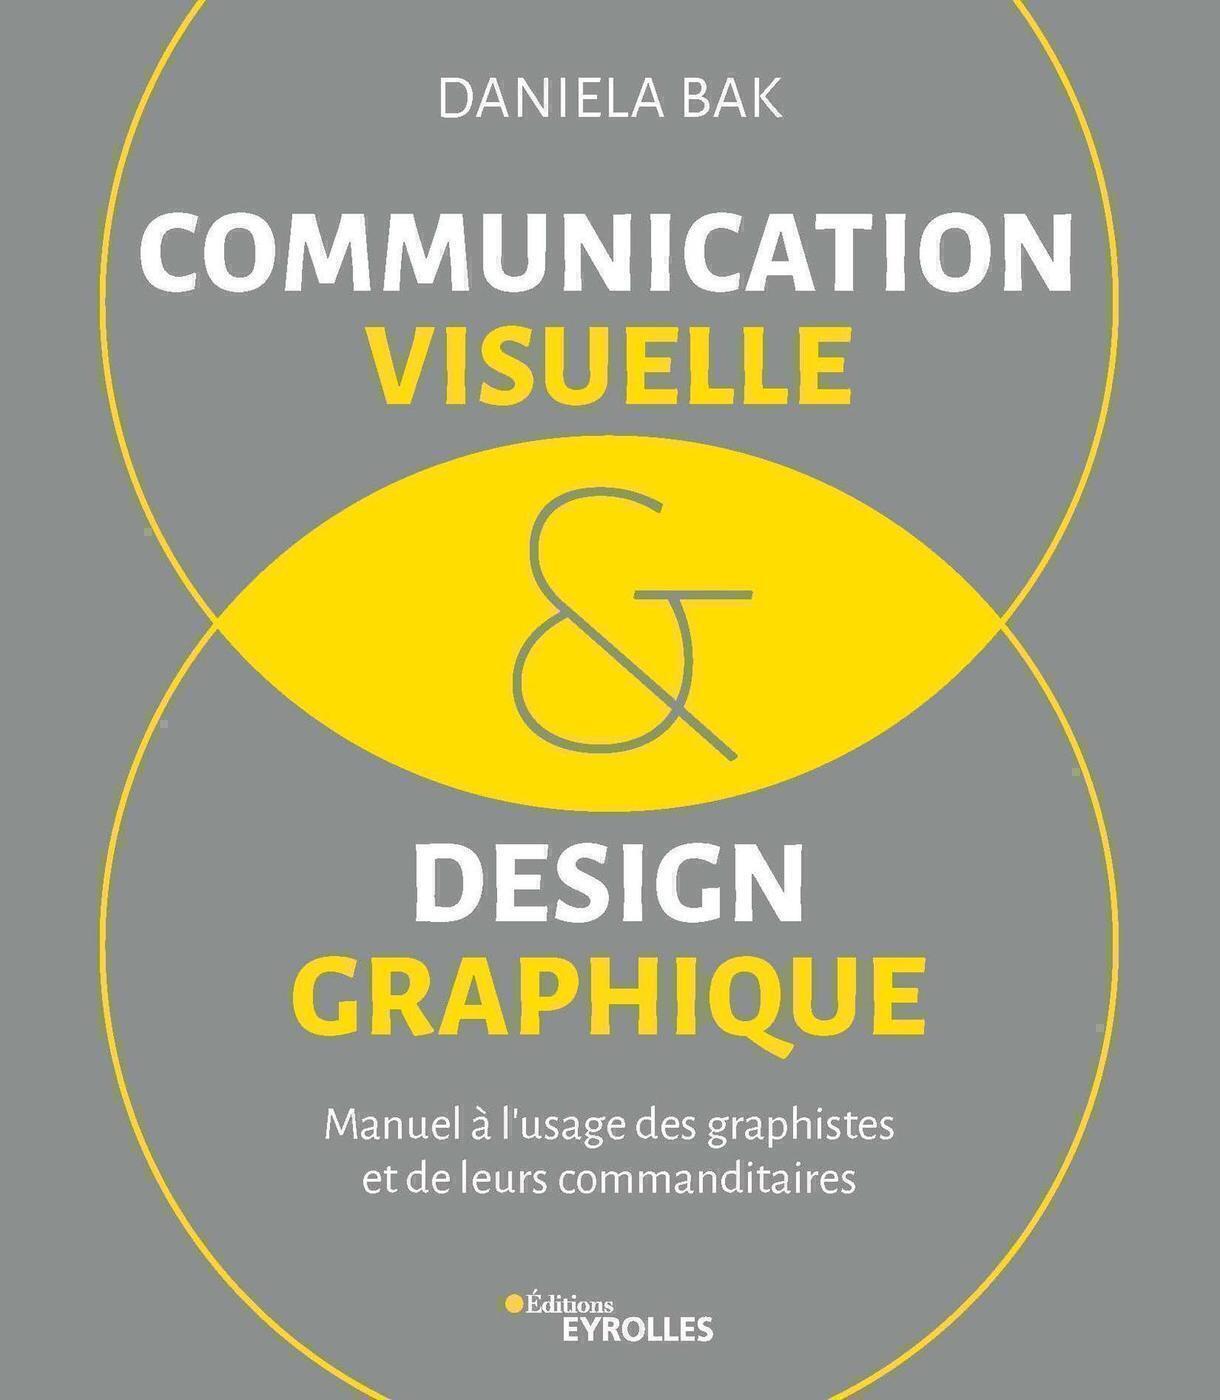 Communication Visuelle Design Graphique Daniela Bak Librairie Eyrolles